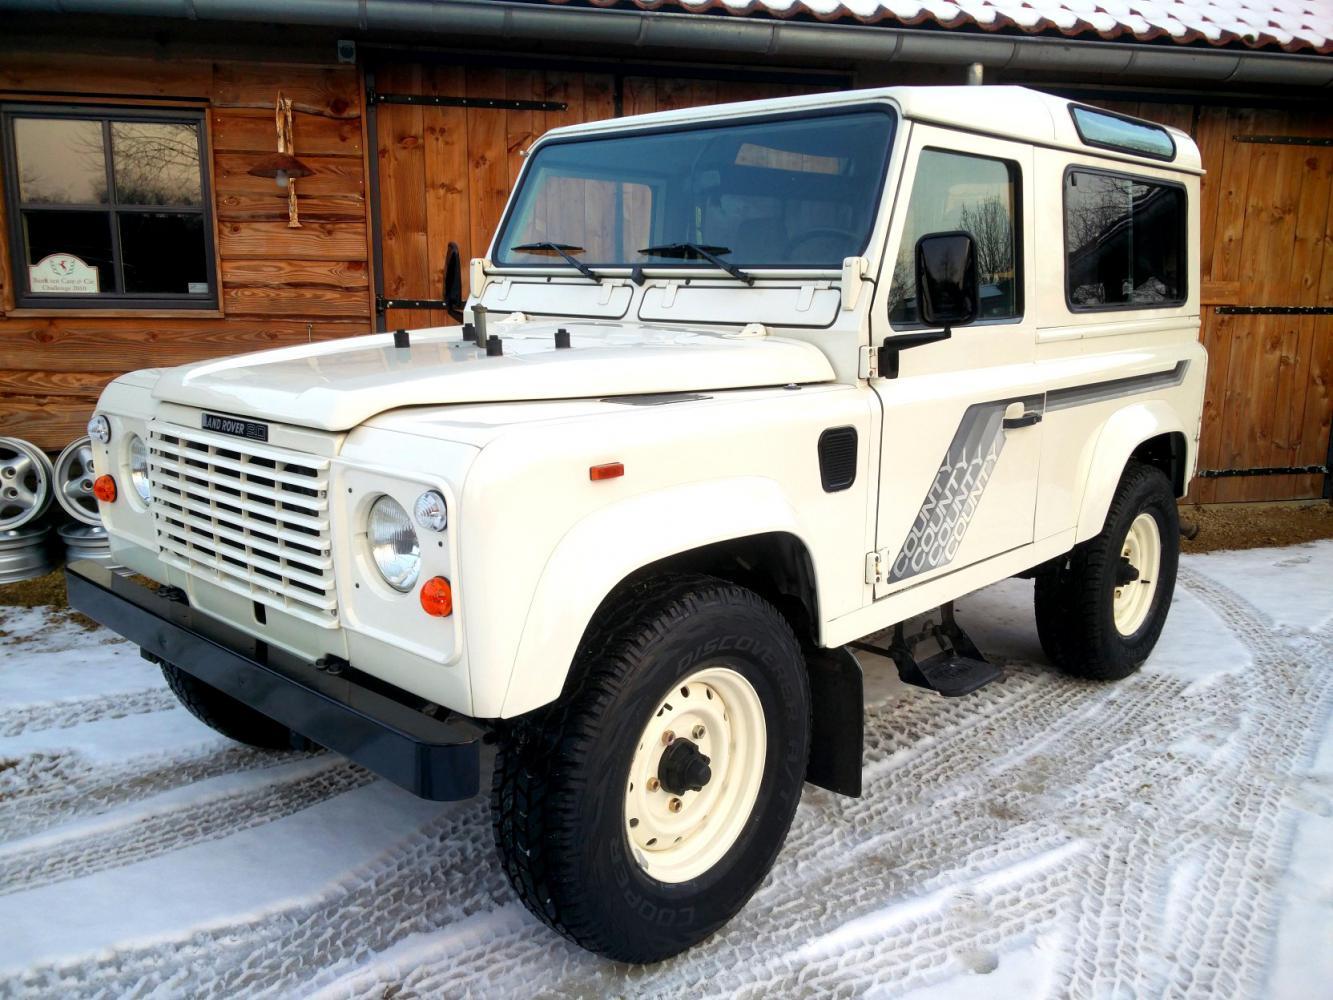 Click image for larger version  Name:1989 LR LHD Defender 90 2.5 Td White I left front.jpg Views:83 Size:189.7 KB ID:215953